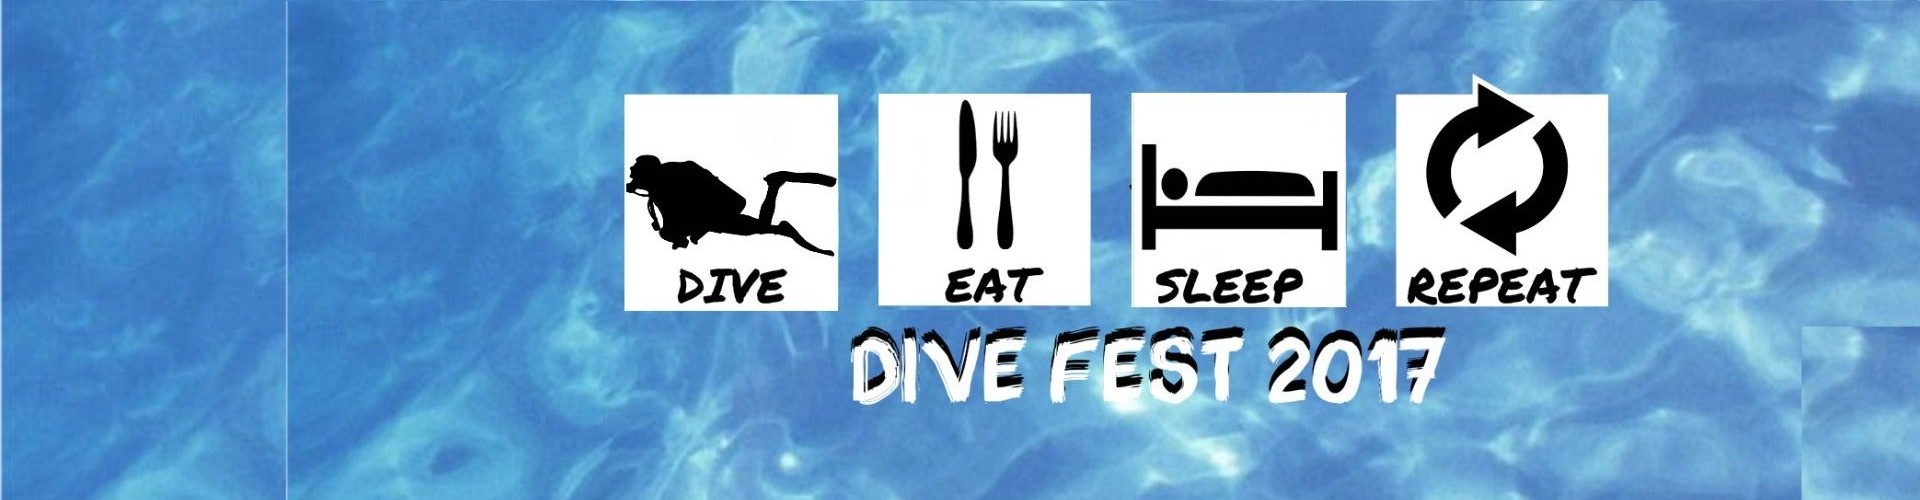 2017 Dive Fest